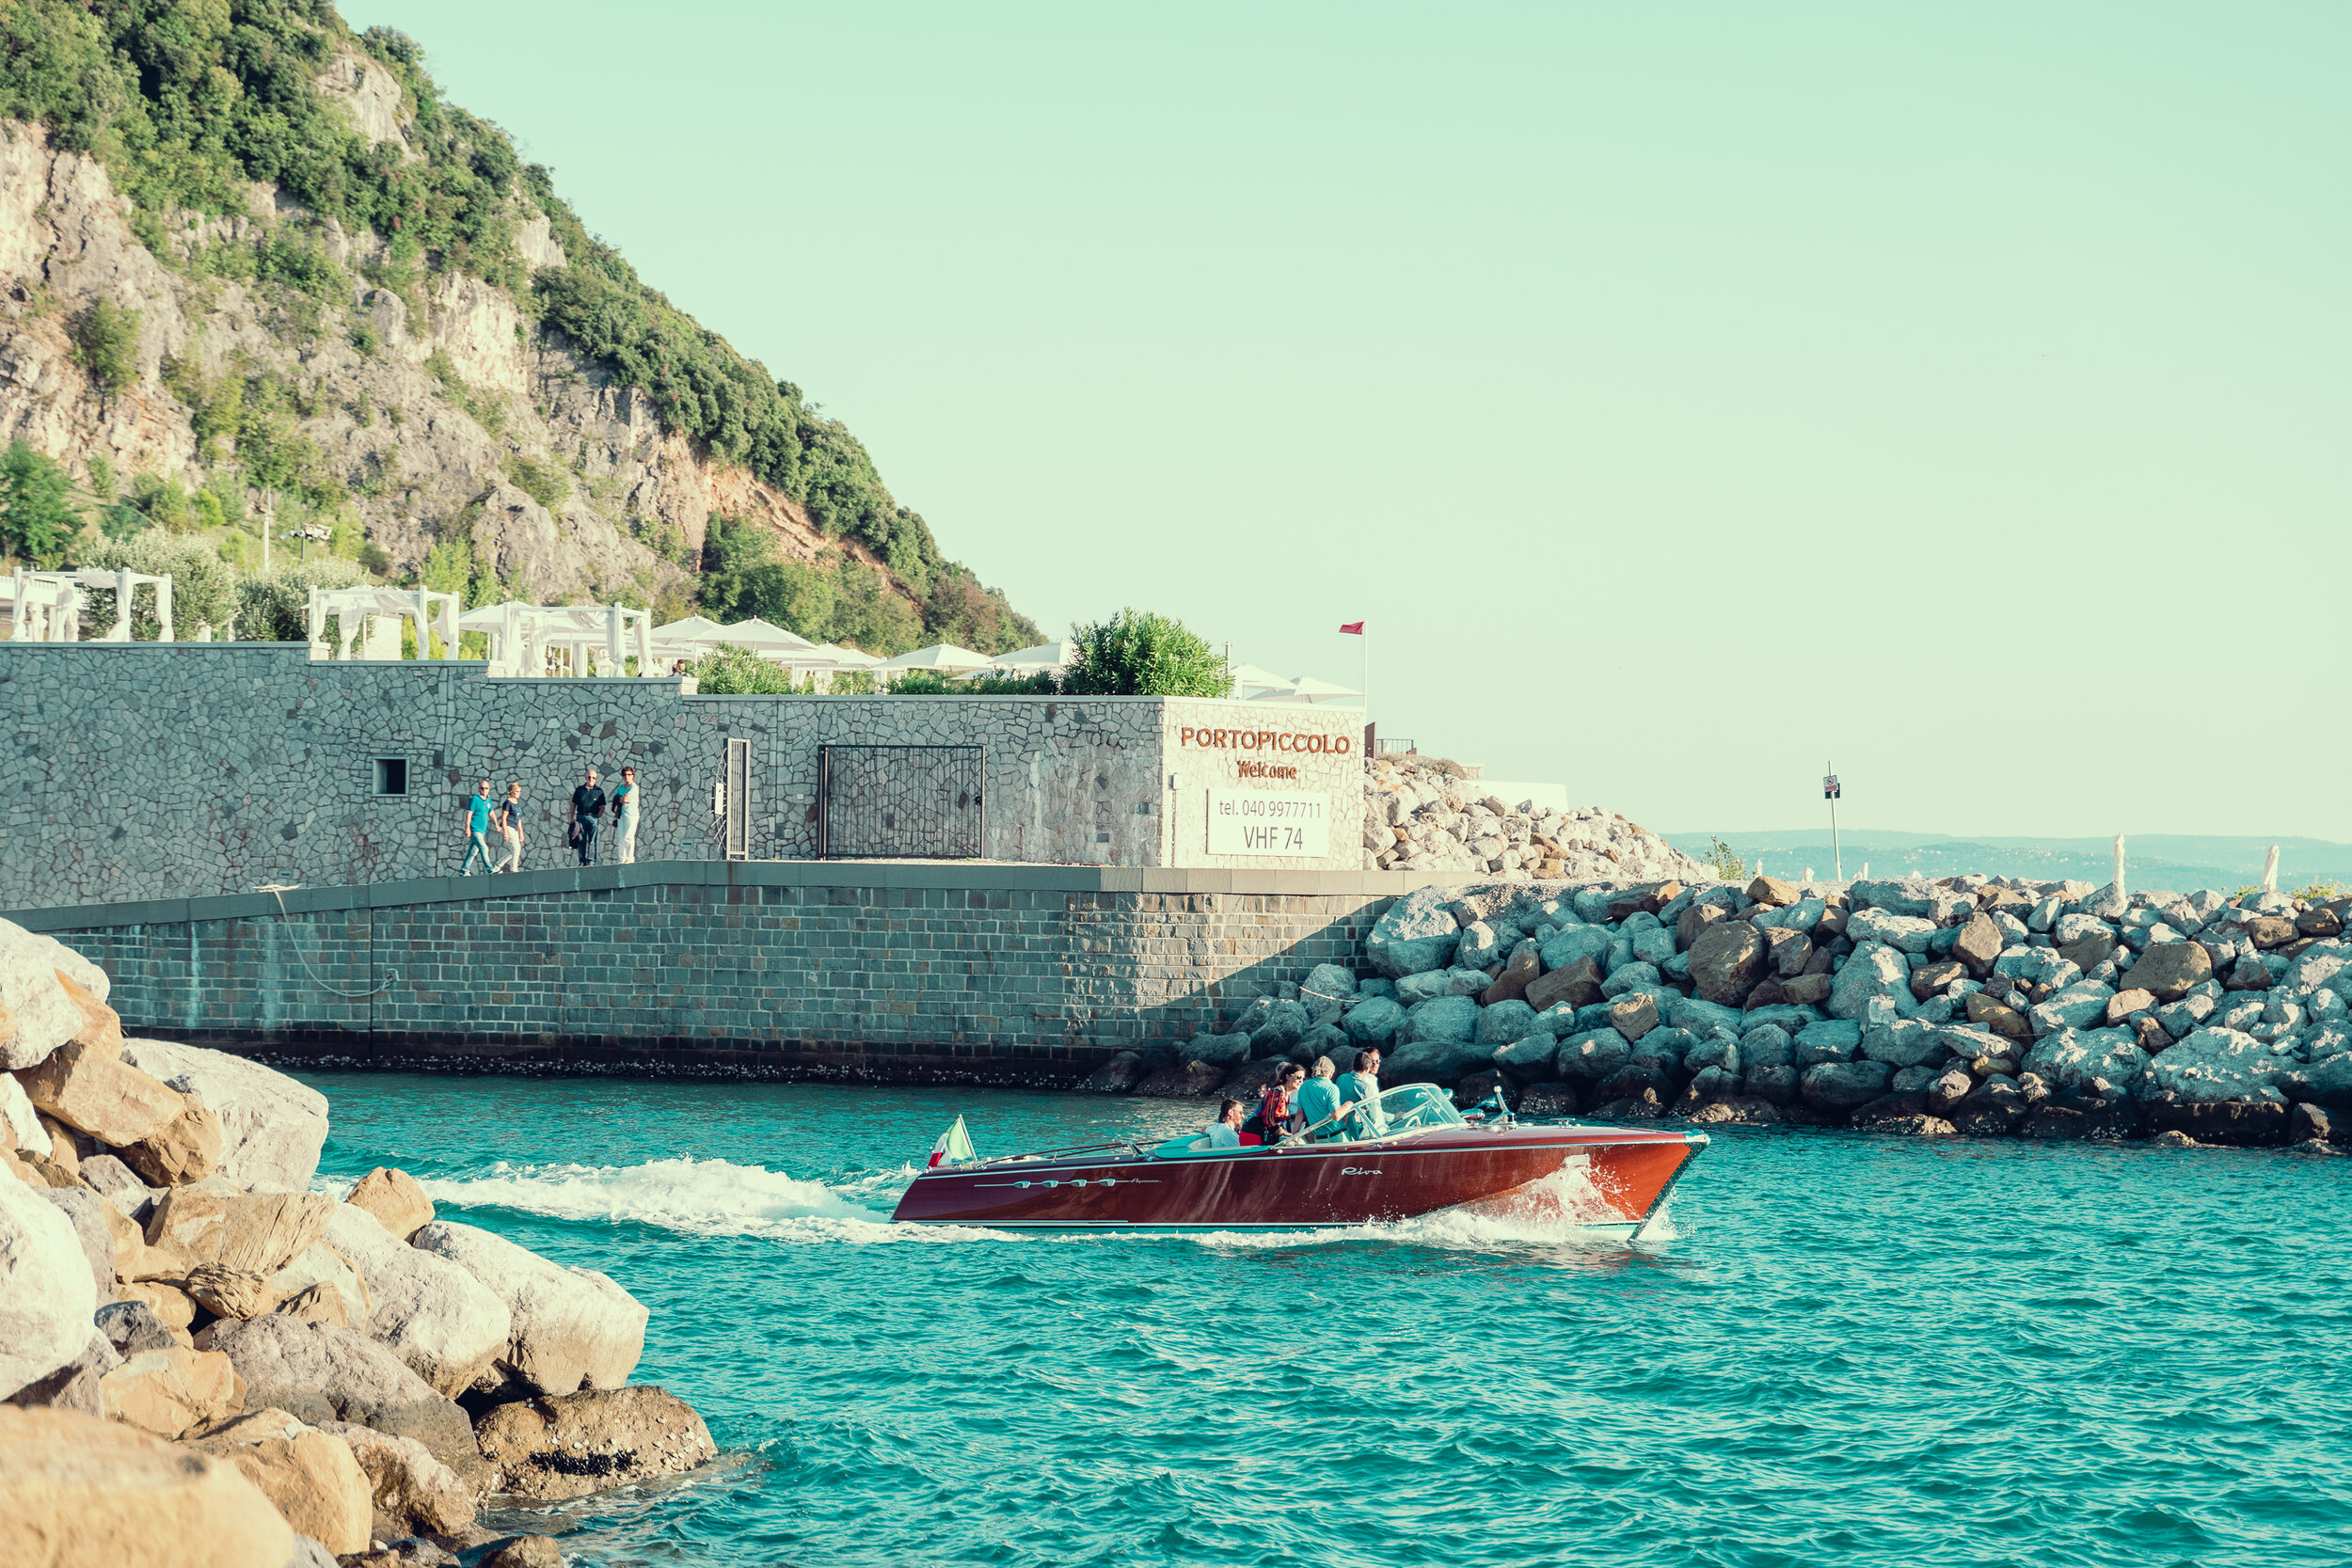 Aquarama heading out of Portopiccolo.